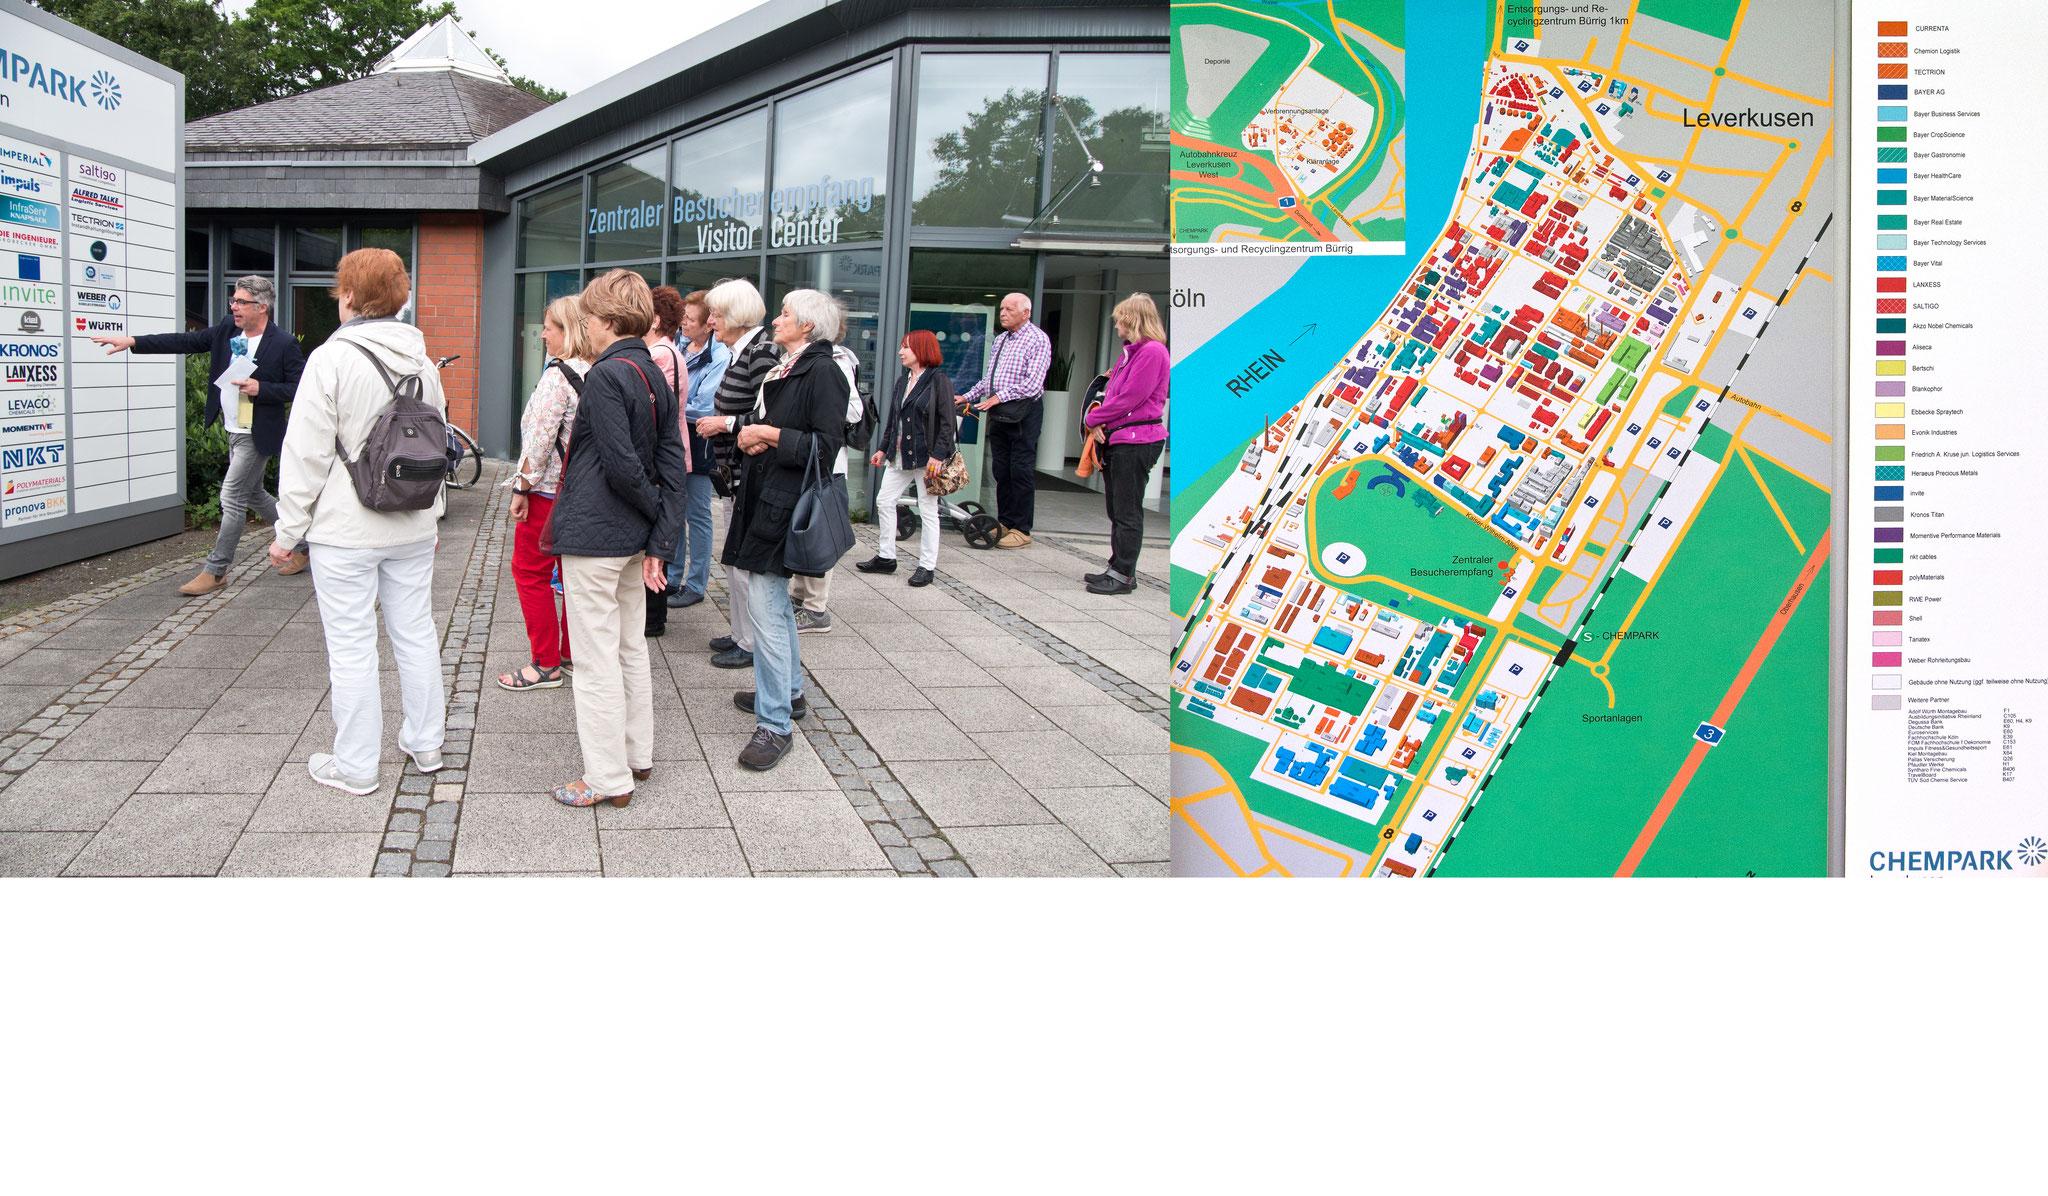 Mit Schwung erklärte Herr Christian Zöller, der Leiter des Politik- und Bürgerdialogs, den Gästen die Struktur des Chempark, in dem mehr als 70 Firmen angesiedelt sind.